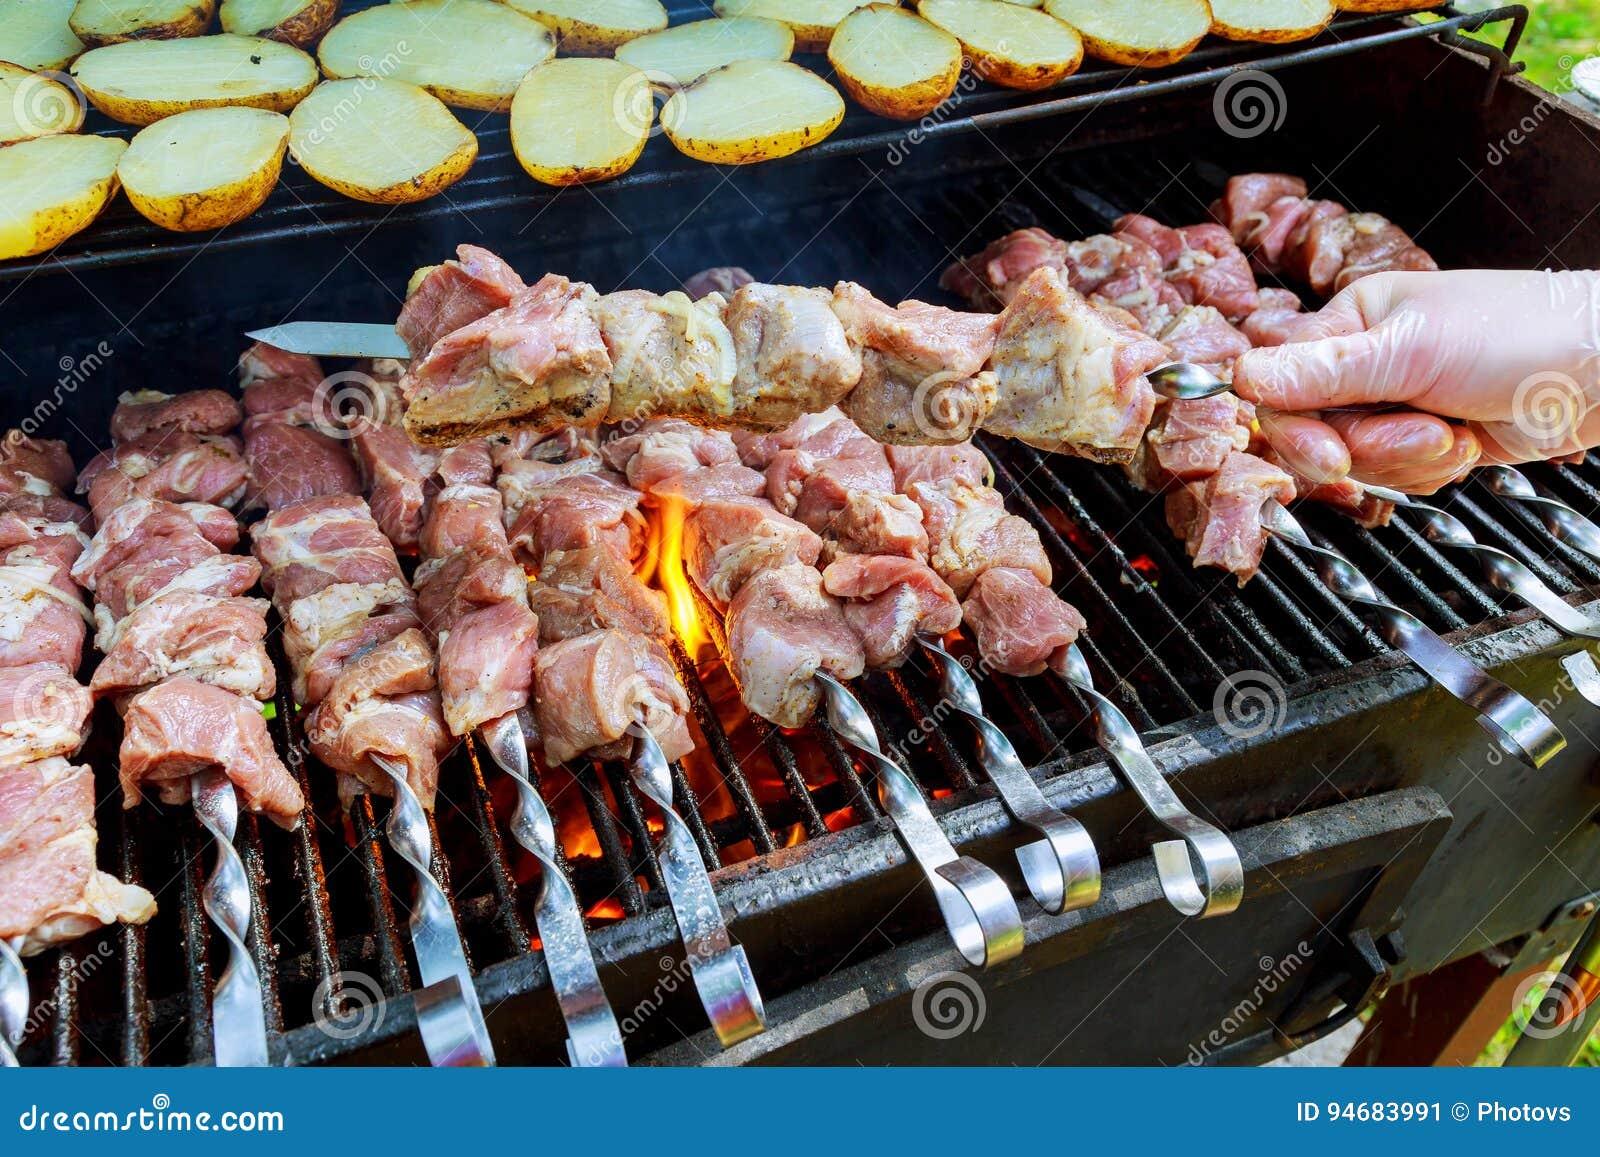 Ψήσιμο στη σχάρα του κρέατος σχαρών στον ξύλινο άνθρακα Το άτομο μαγειρεύει το ορεκτικό καυτό shish kebab στα οβελίδια μετάλλων